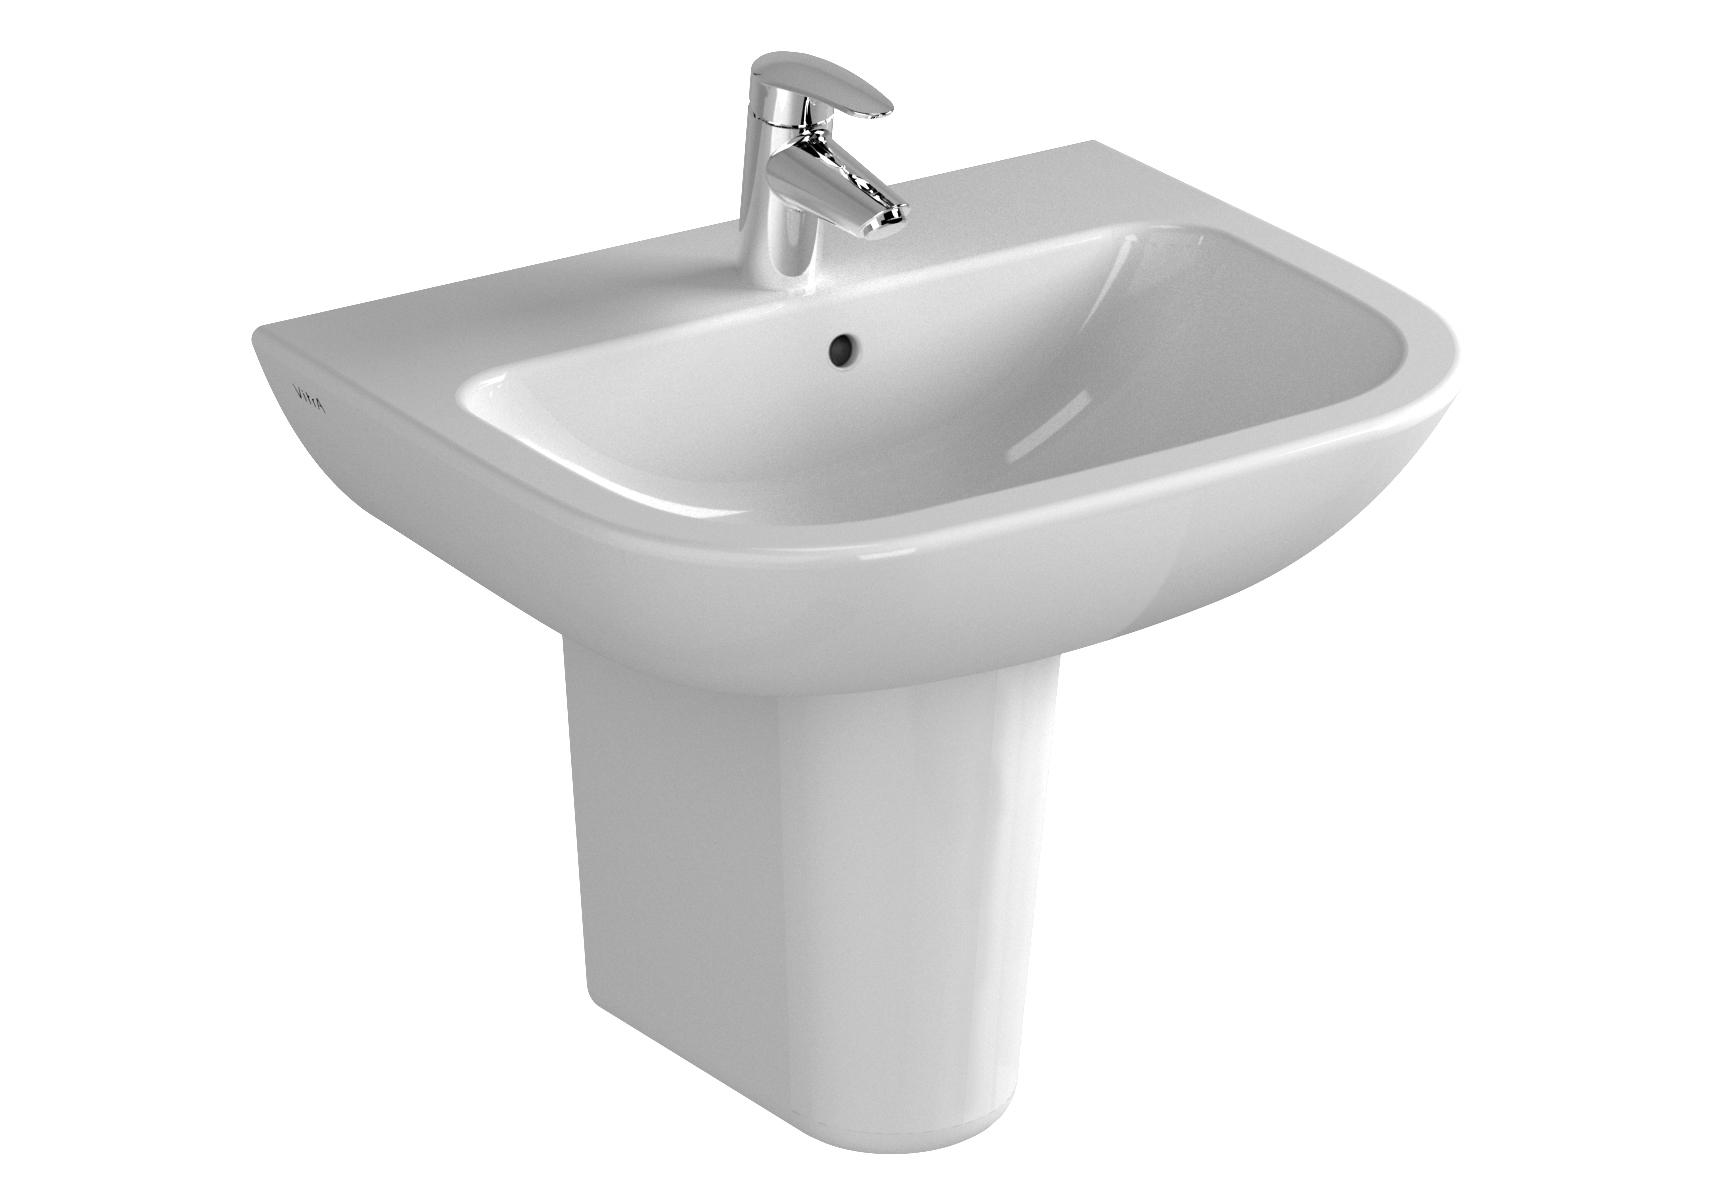 S20 Waschtisch, 65 cm, ohne Hahnloch, ohne Überlaufloch, Weiß